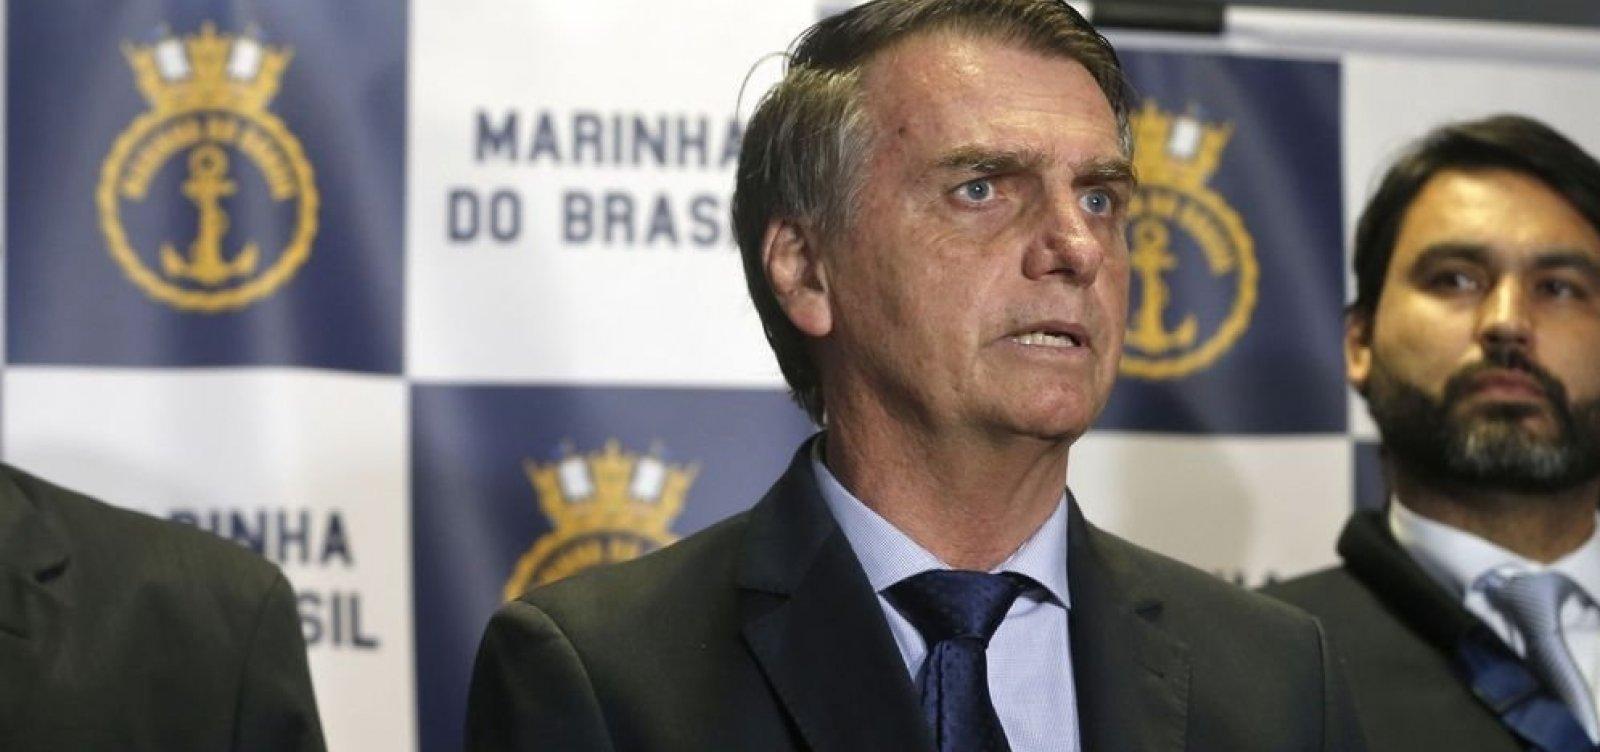 ['Se errei, arco com responsabilidade', diz Bolsonaro sobre empréstimos]